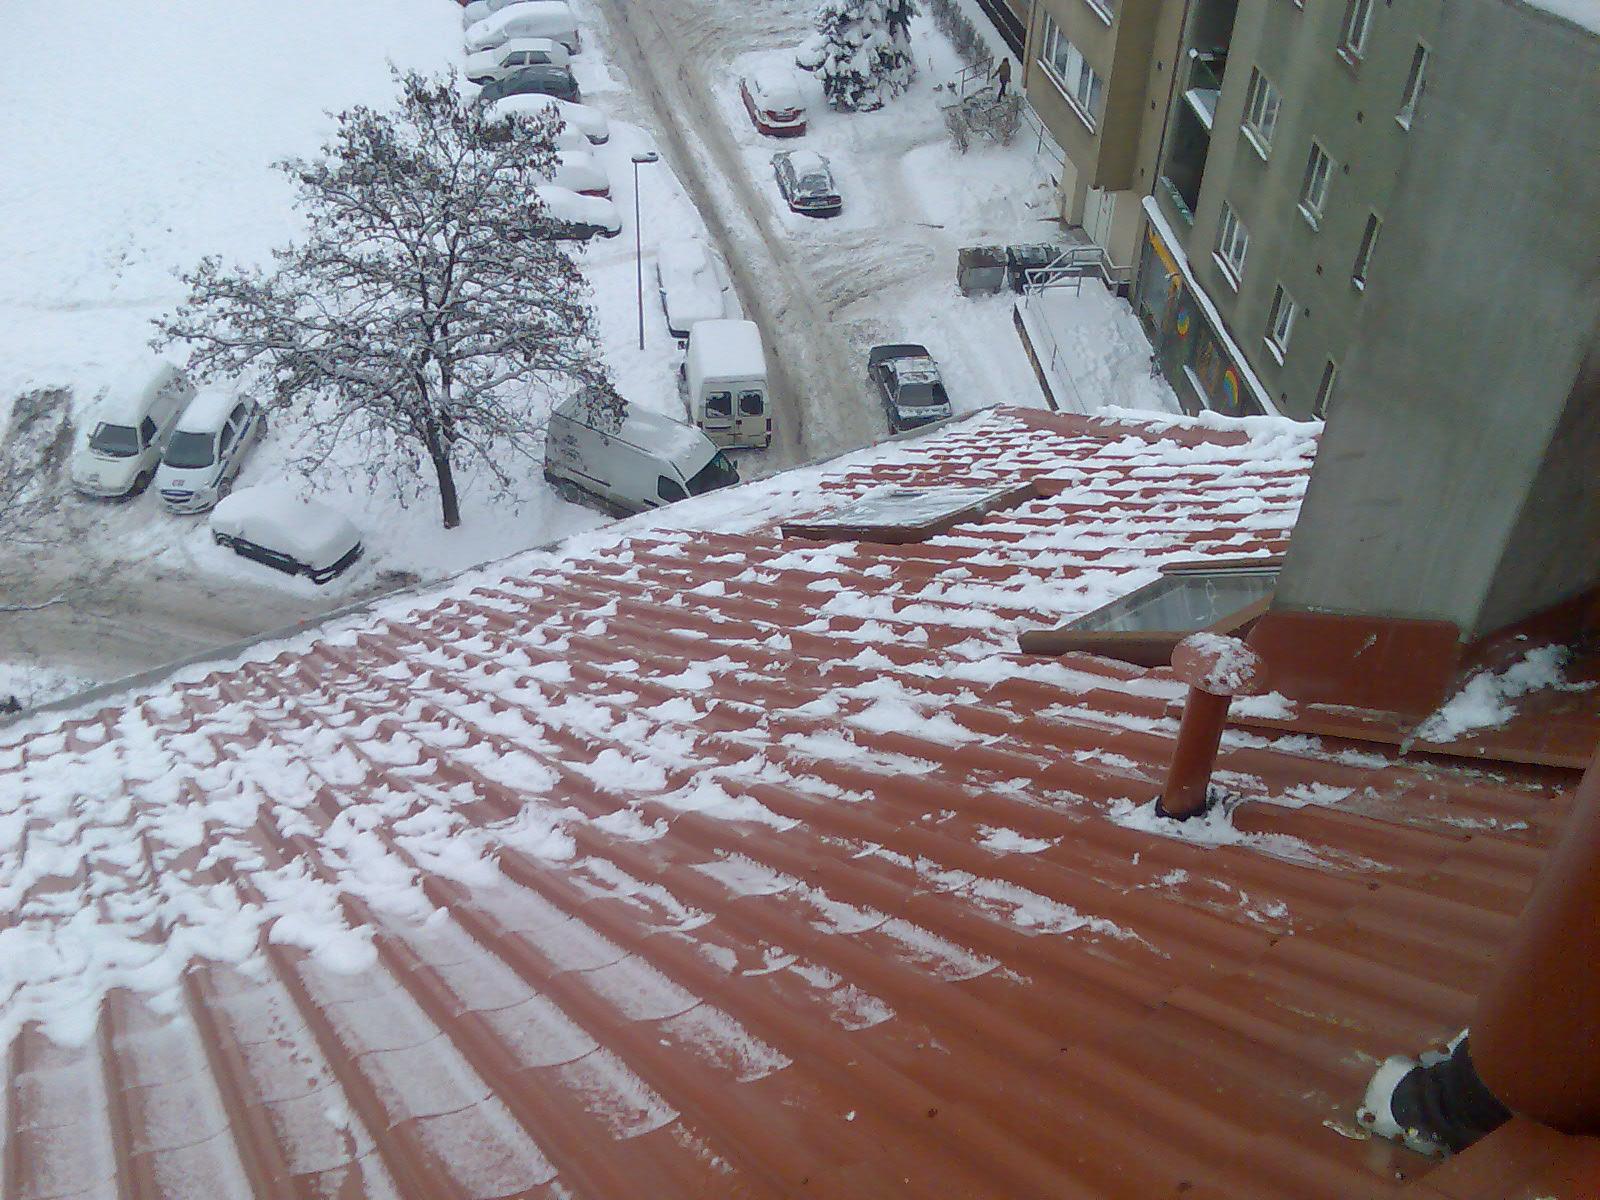 Prohlížíte si fotogarerii k článku Odstraňování sněhu